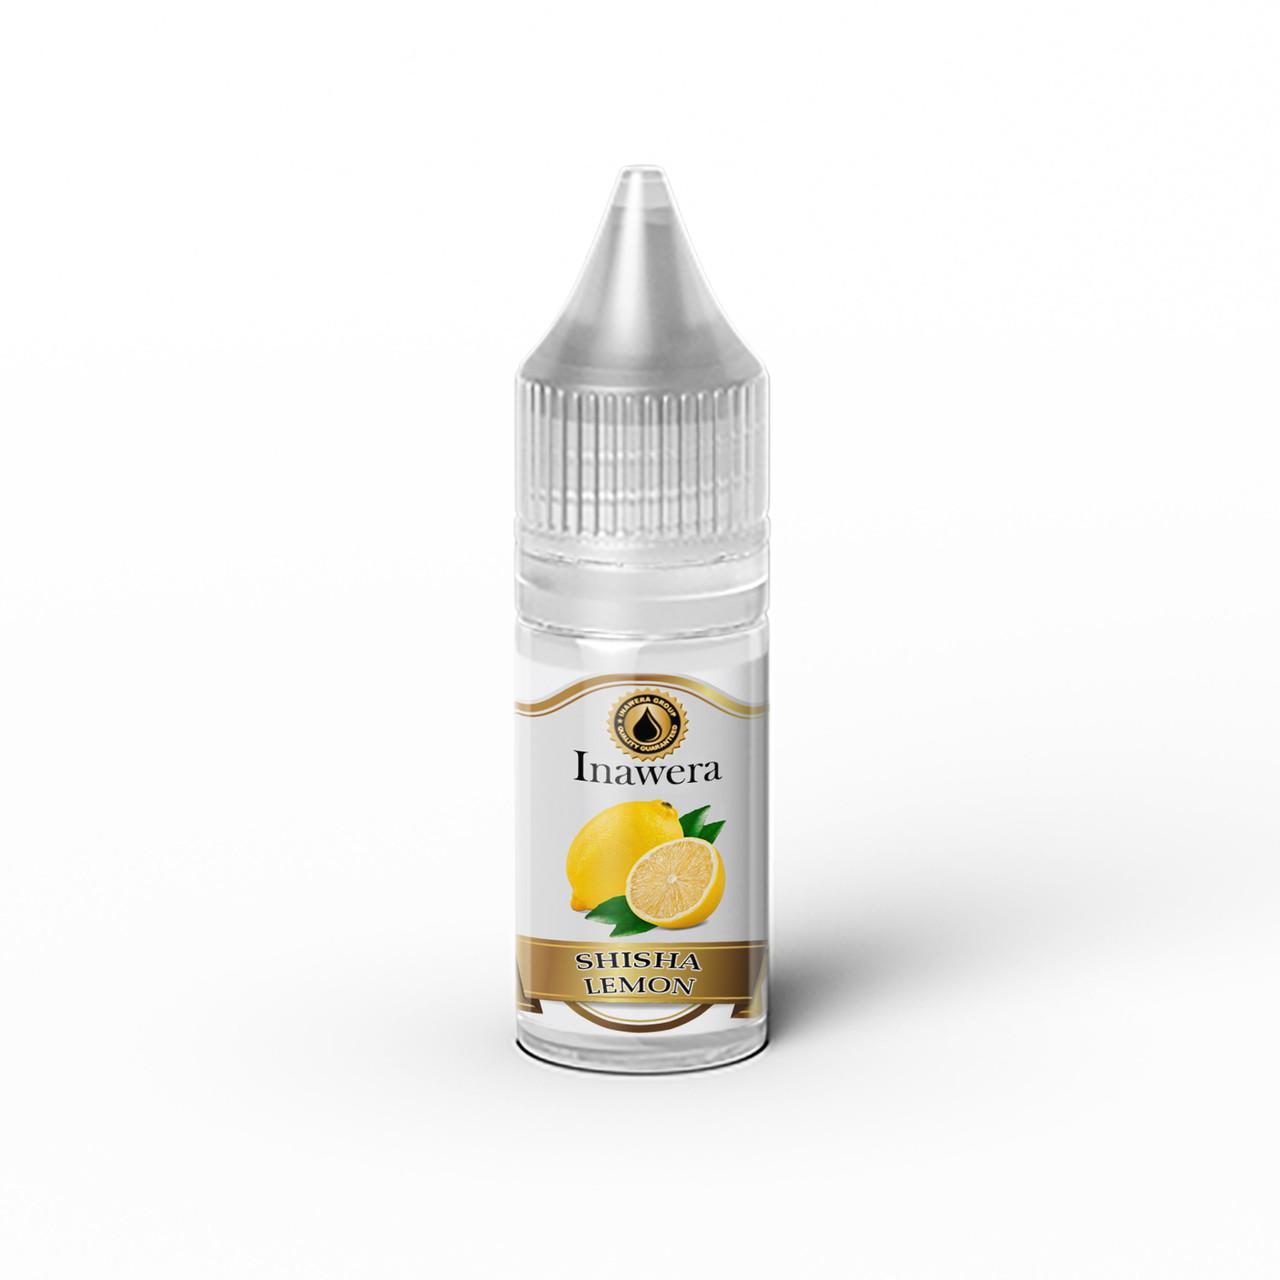 Ароматизатор INAWERA SHISHA Lemon (Лимон), 10 мл